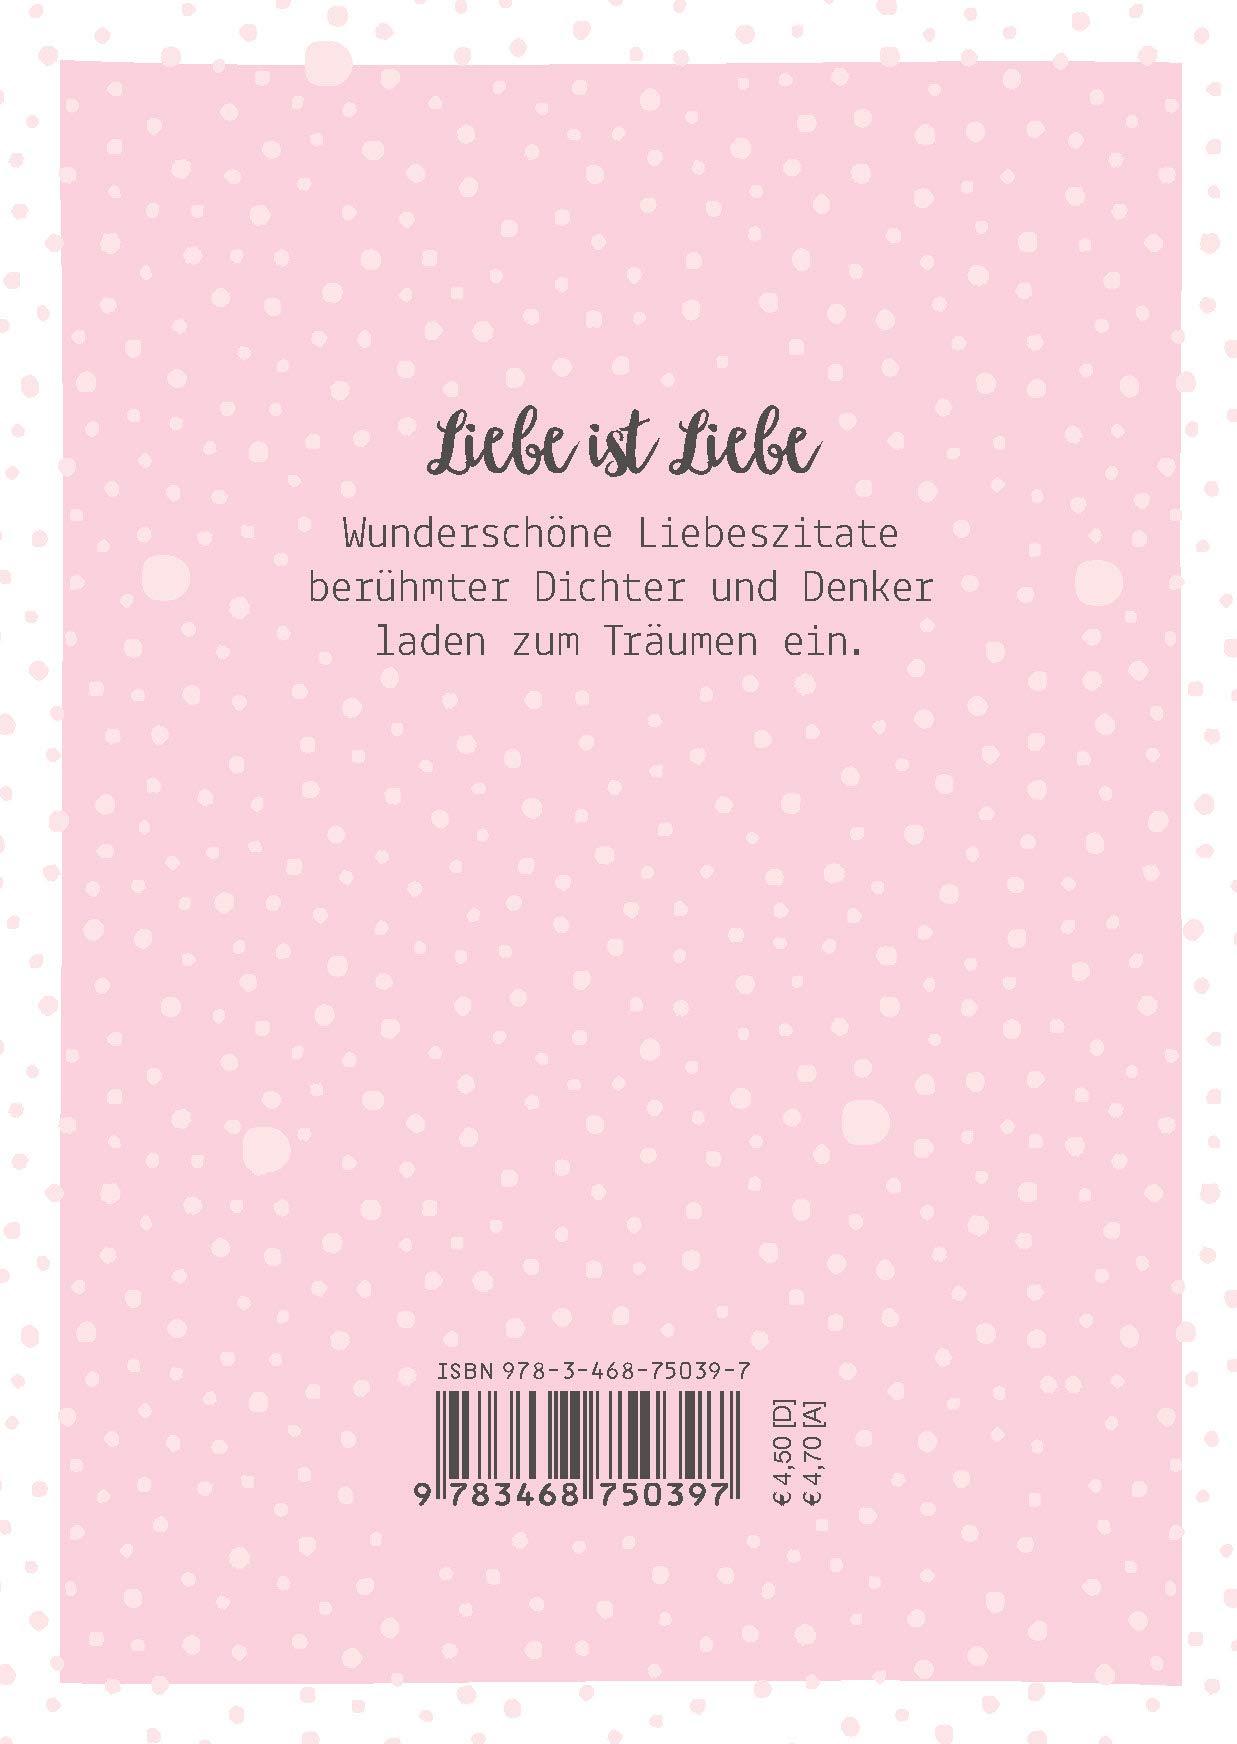 Liebe Ist Liebe Mini Buch Zitate Die Von Herzen Kommen